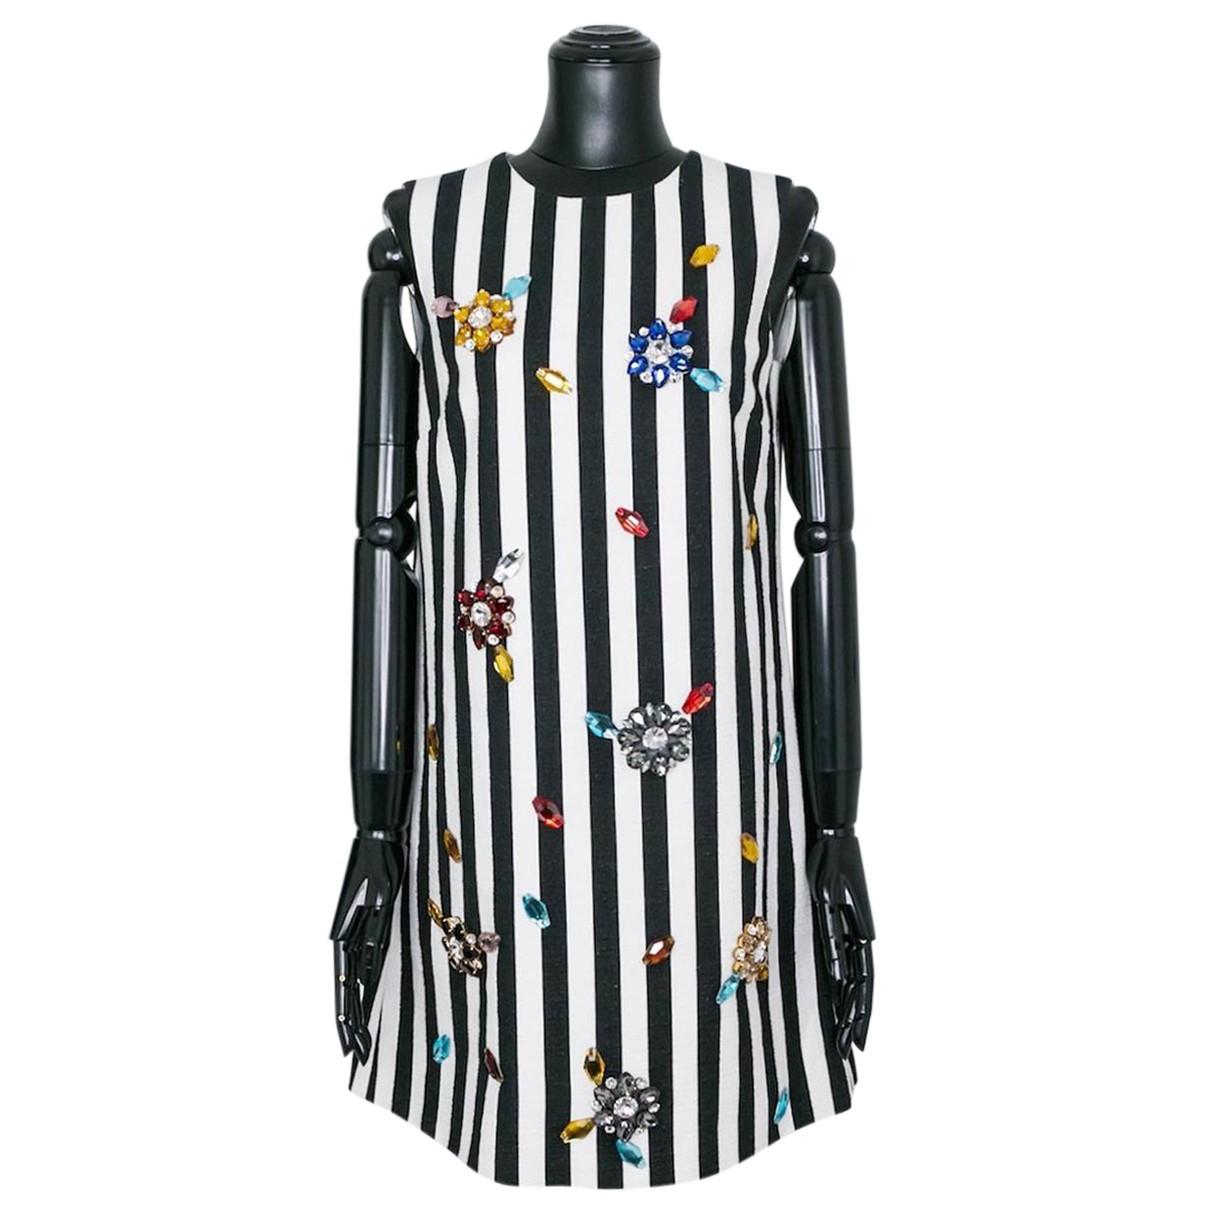 Dolce & Gabbana N Multicolour dress for Women 38 IT